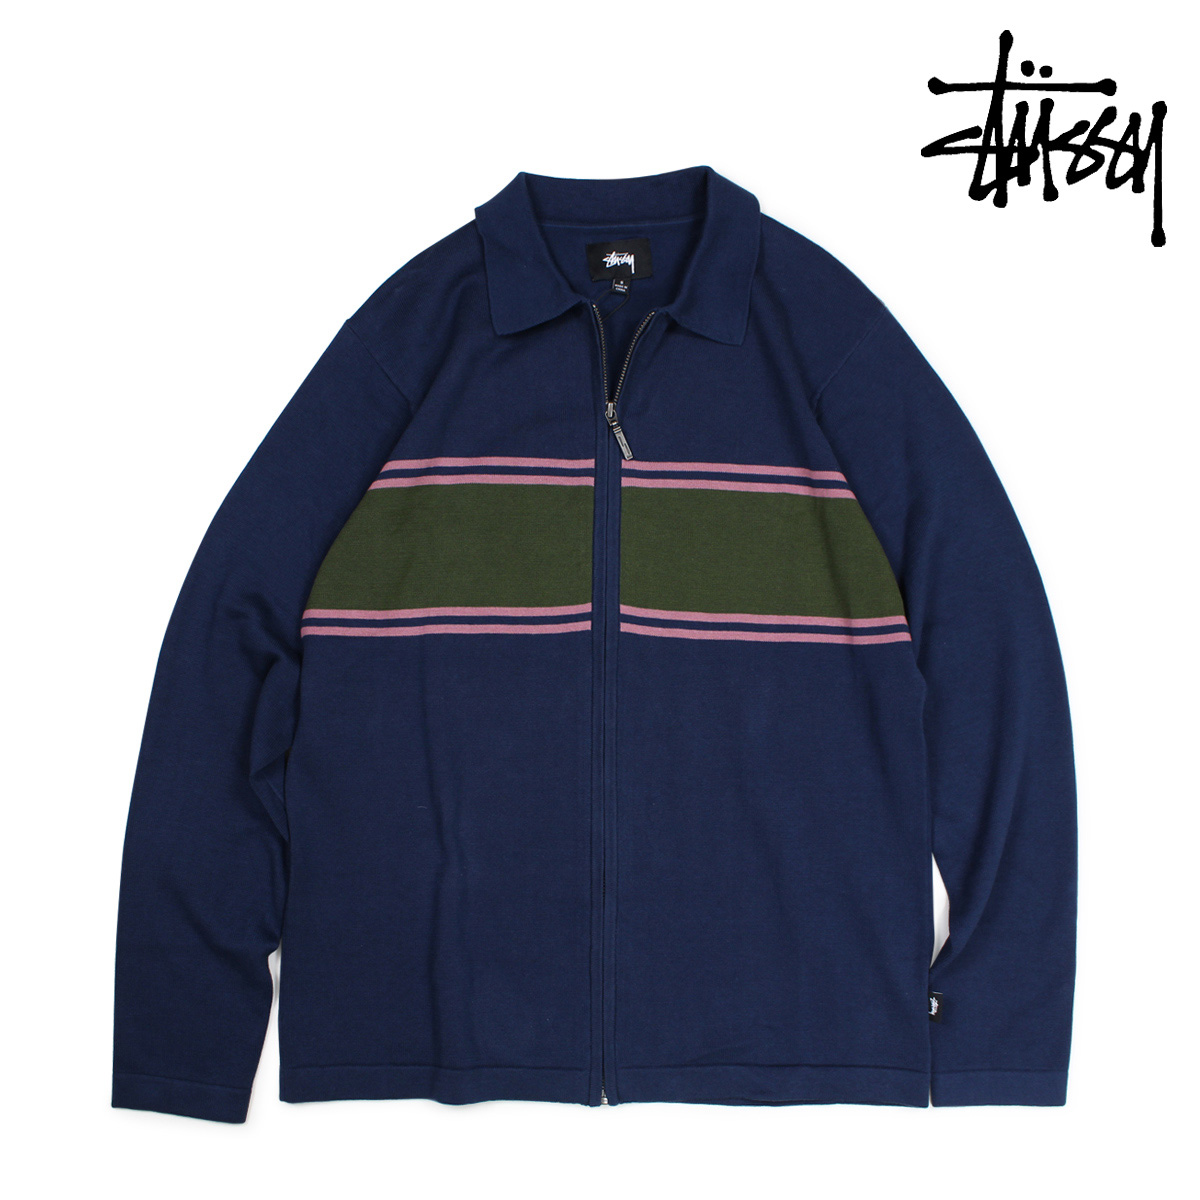 ステューシー STUSSY セーター メンズ ニット CODY STRIPE LS POLO SWEATER ネイビー 117050 【決算セール 返品不可】